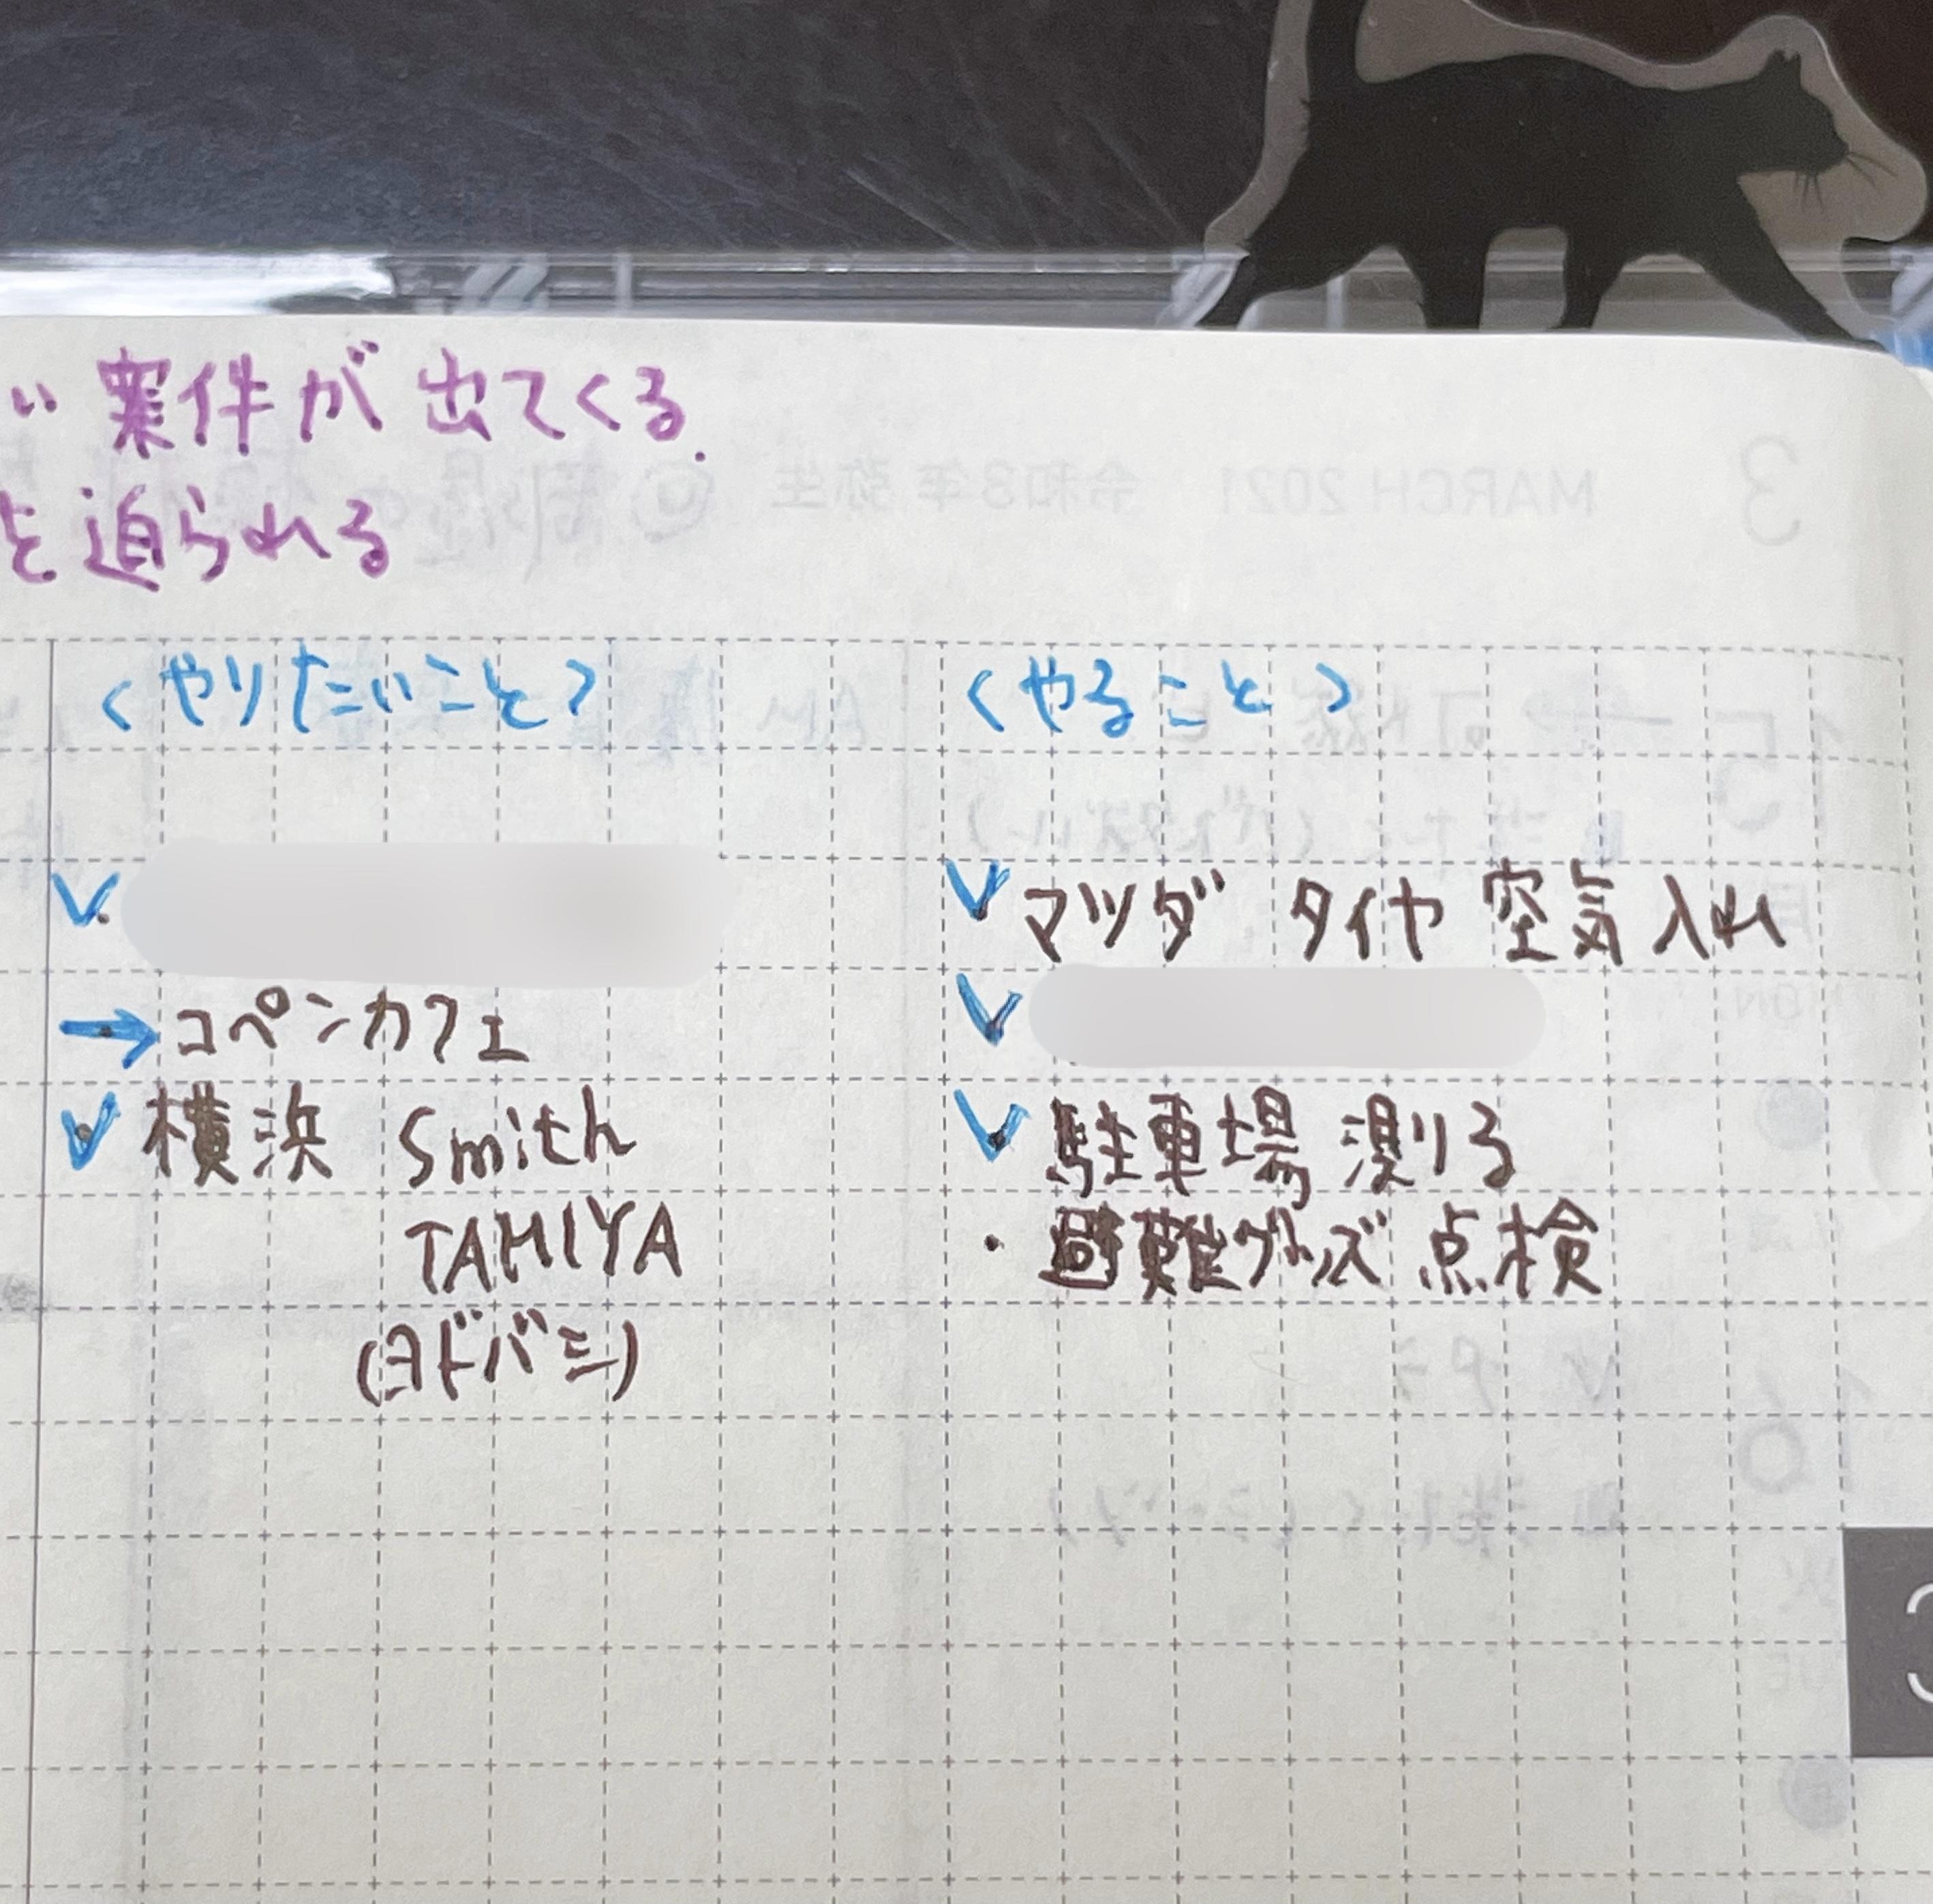 手帳の誌面、中央で二つに分割し、左側にやりたいこと、右側にやることが書いてある